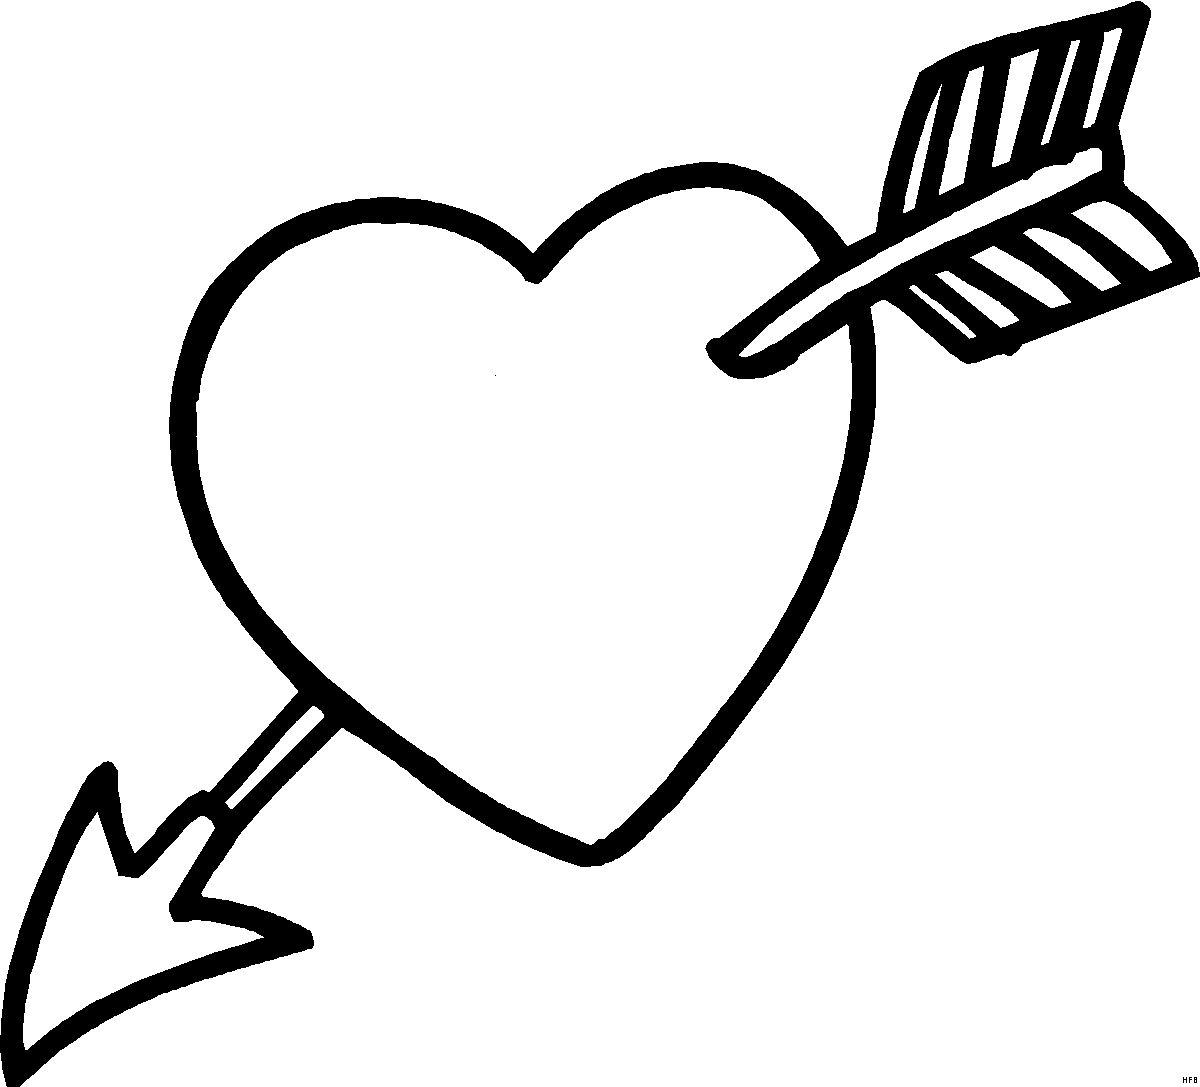 Malvorlagen Herz Mit Pfeil